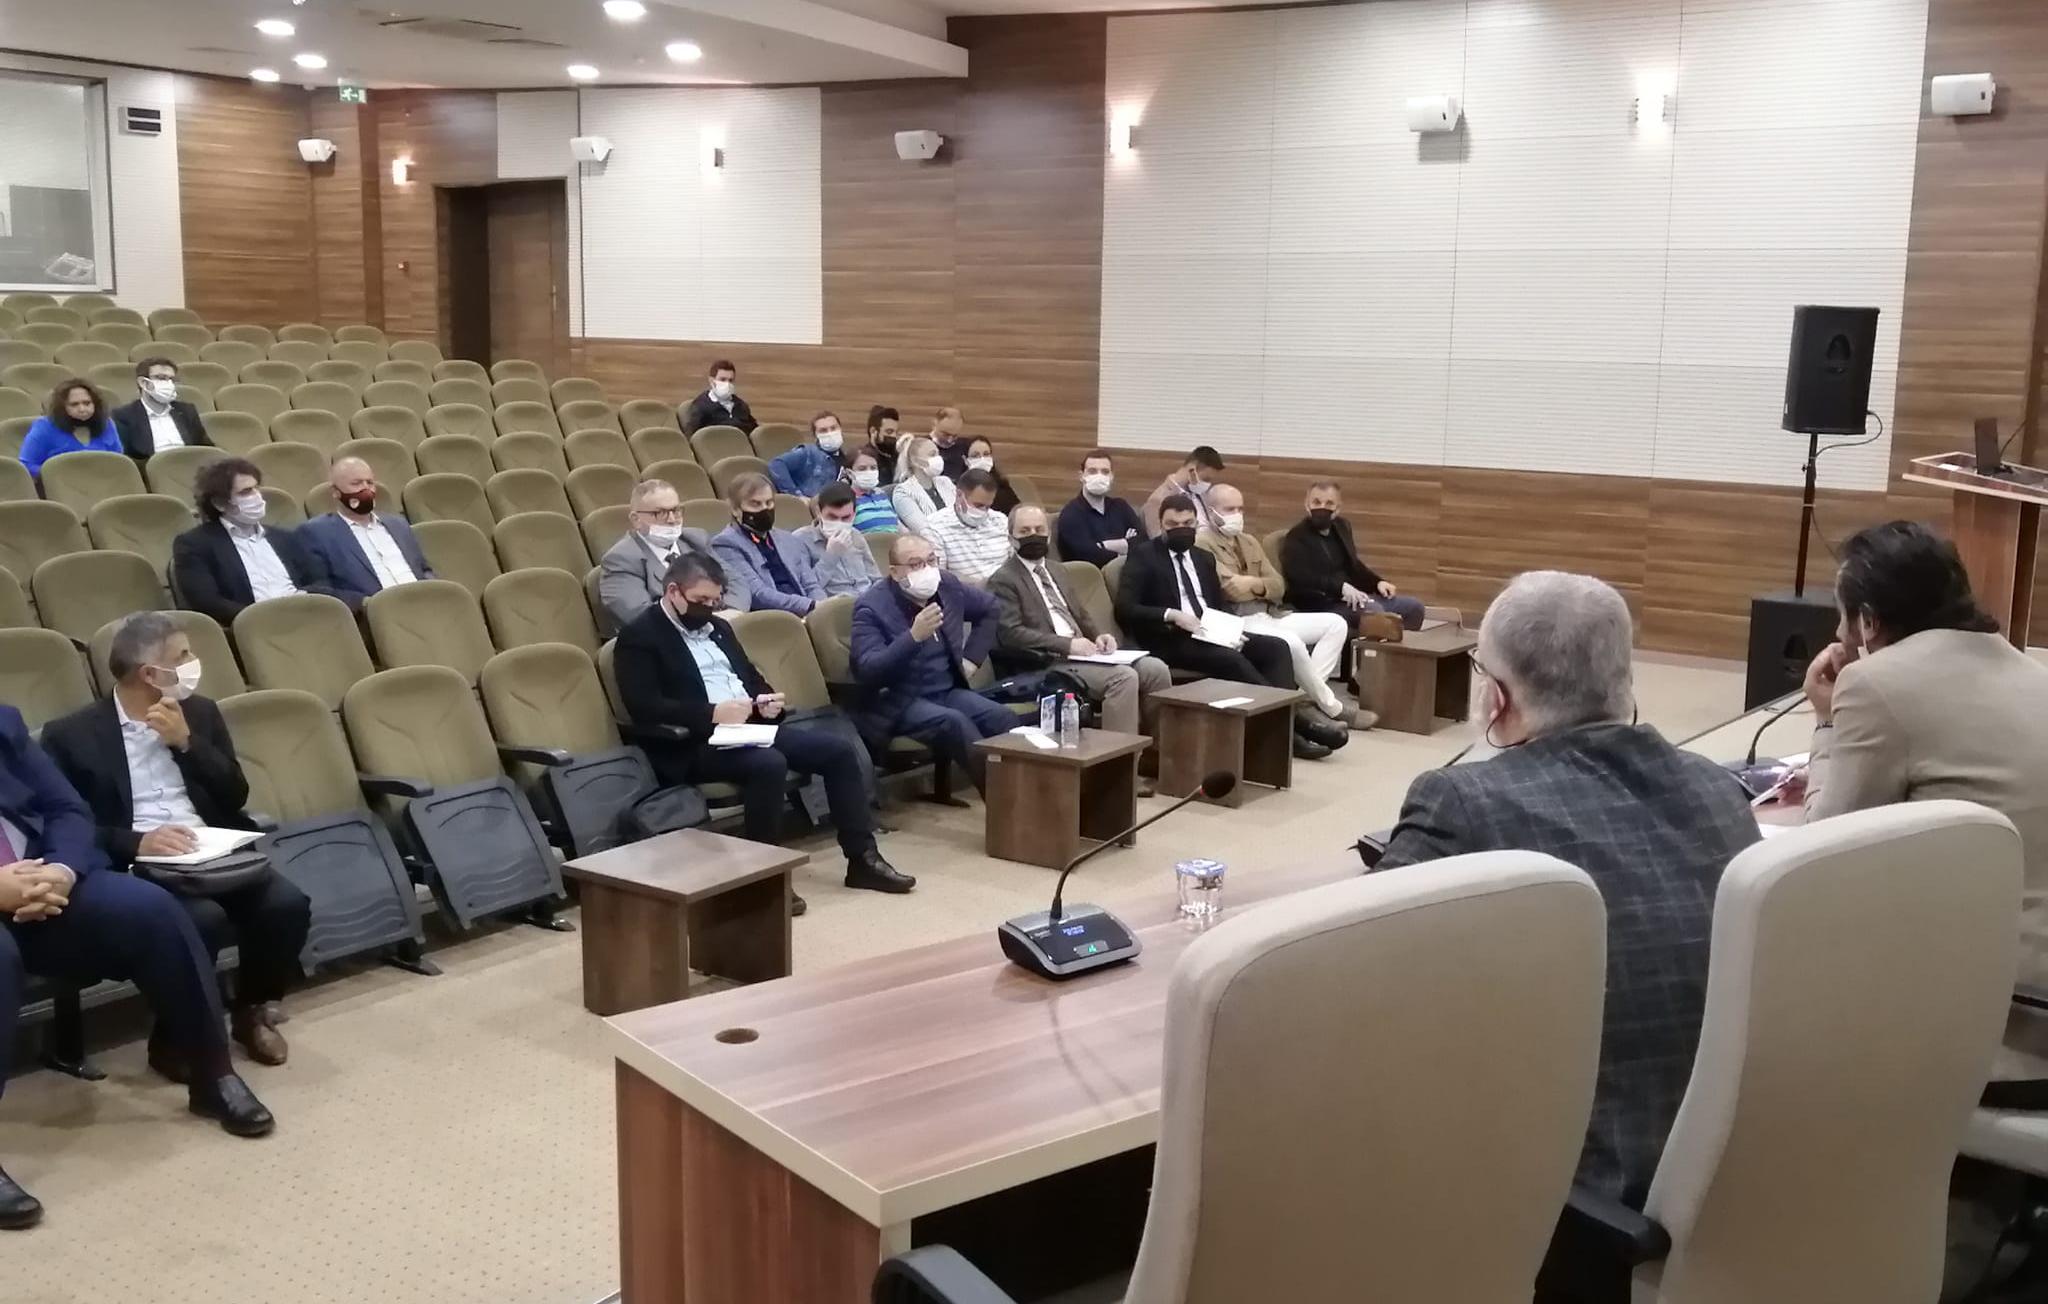 Anadolu Üniversiteler Birliği Bünyesinde Bulunan 9 Üniversitenin Uluslararası Öğrenci Koordinatörleri ve Kariyer Merkezi Sorumluları Toplandı